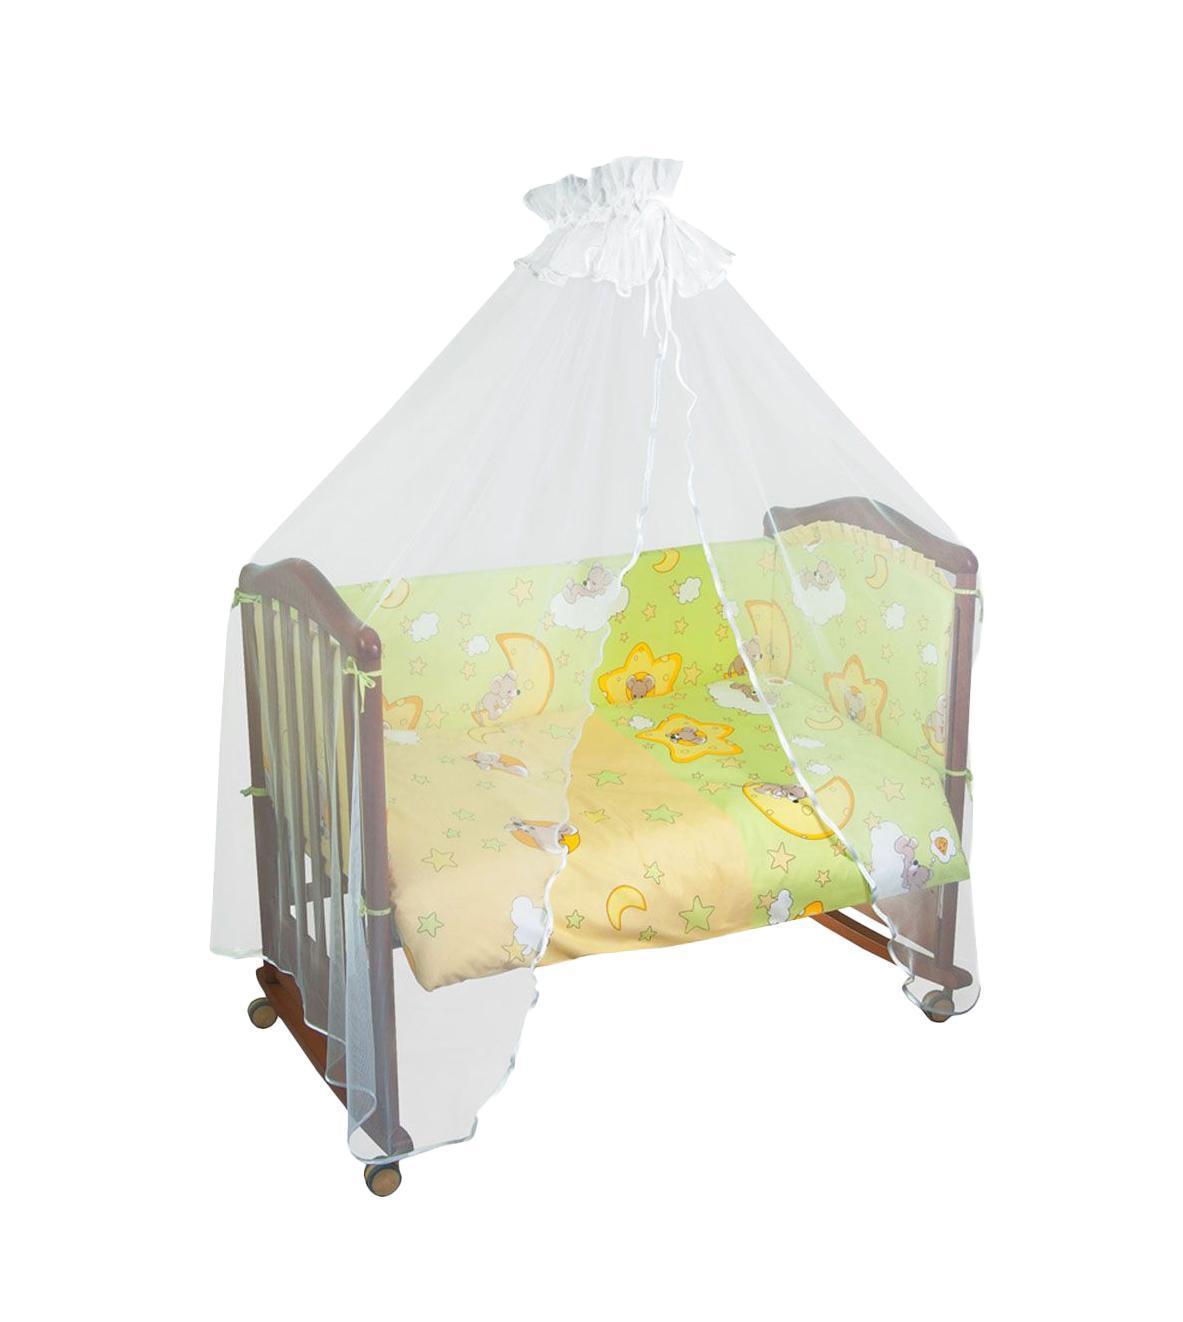 Комплект 3 предмета Сыроежкины сны салатовый комплект детского постельного белья тайна снов сыроежкины сны цвет салатовый 7 предметов